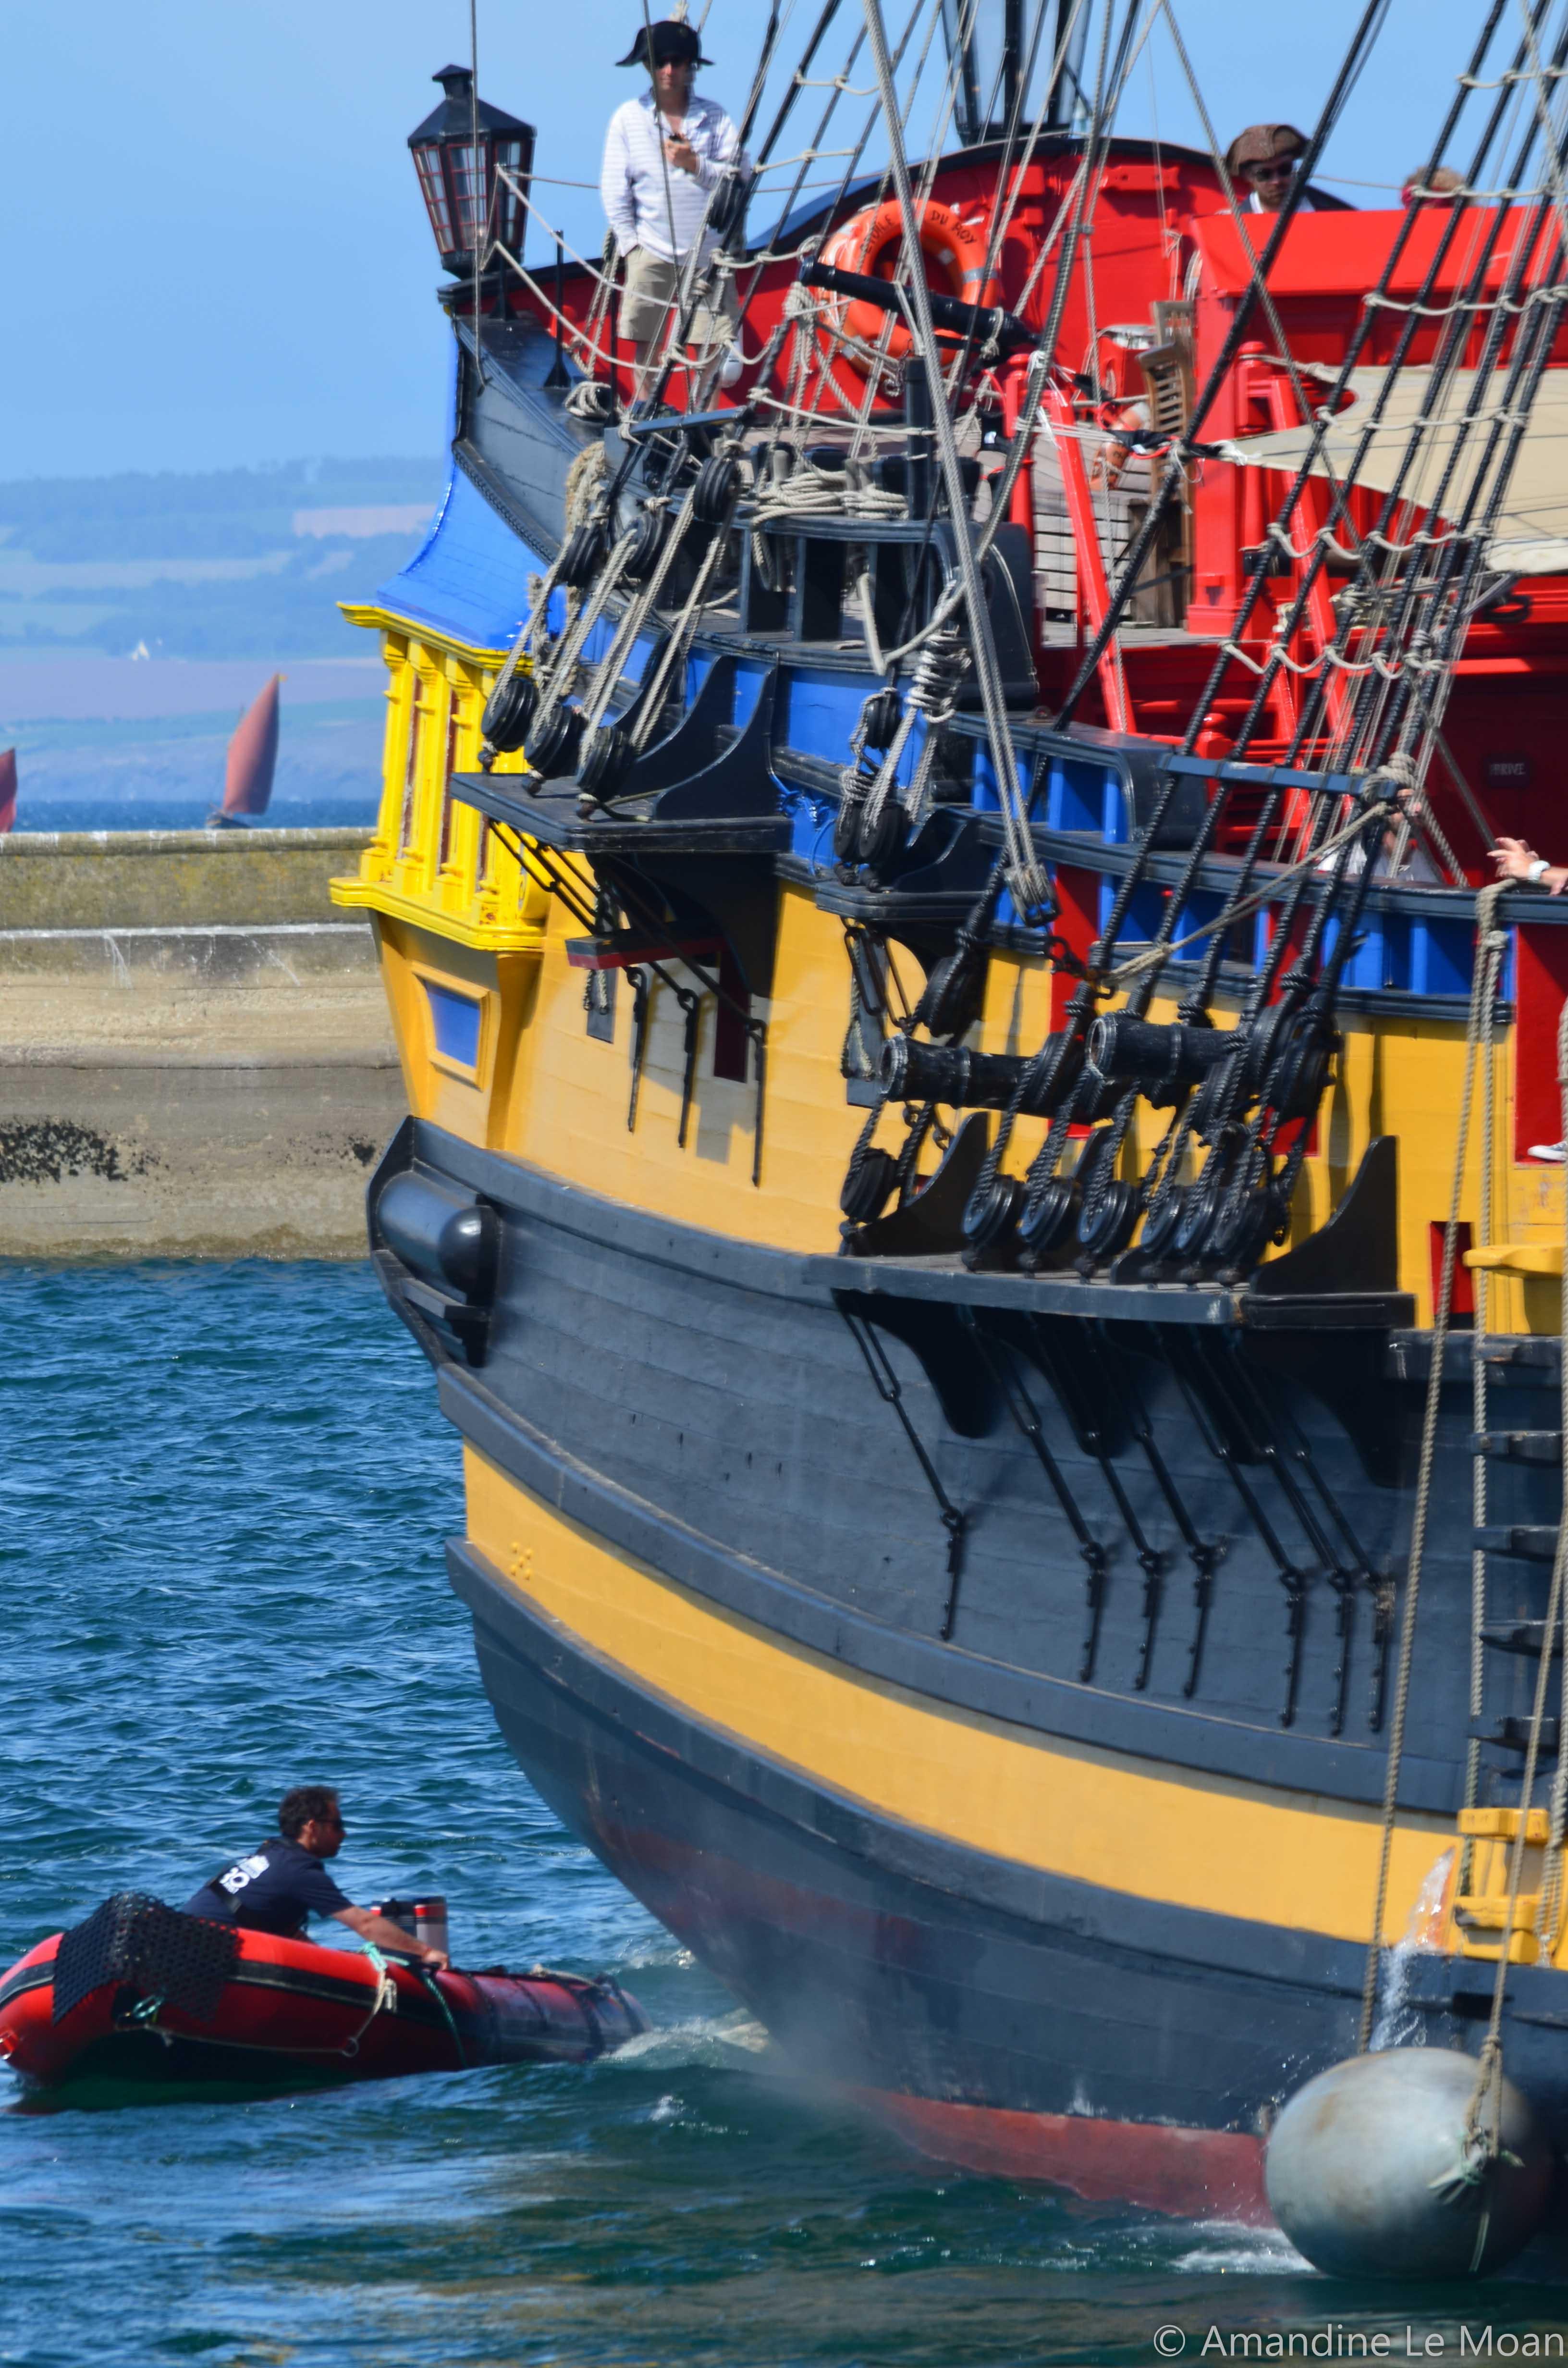 Temps Fête, bénévoles, association, festival, mer, bateaux, gréements, Douarnenez, Finistère, Etoile du Roy